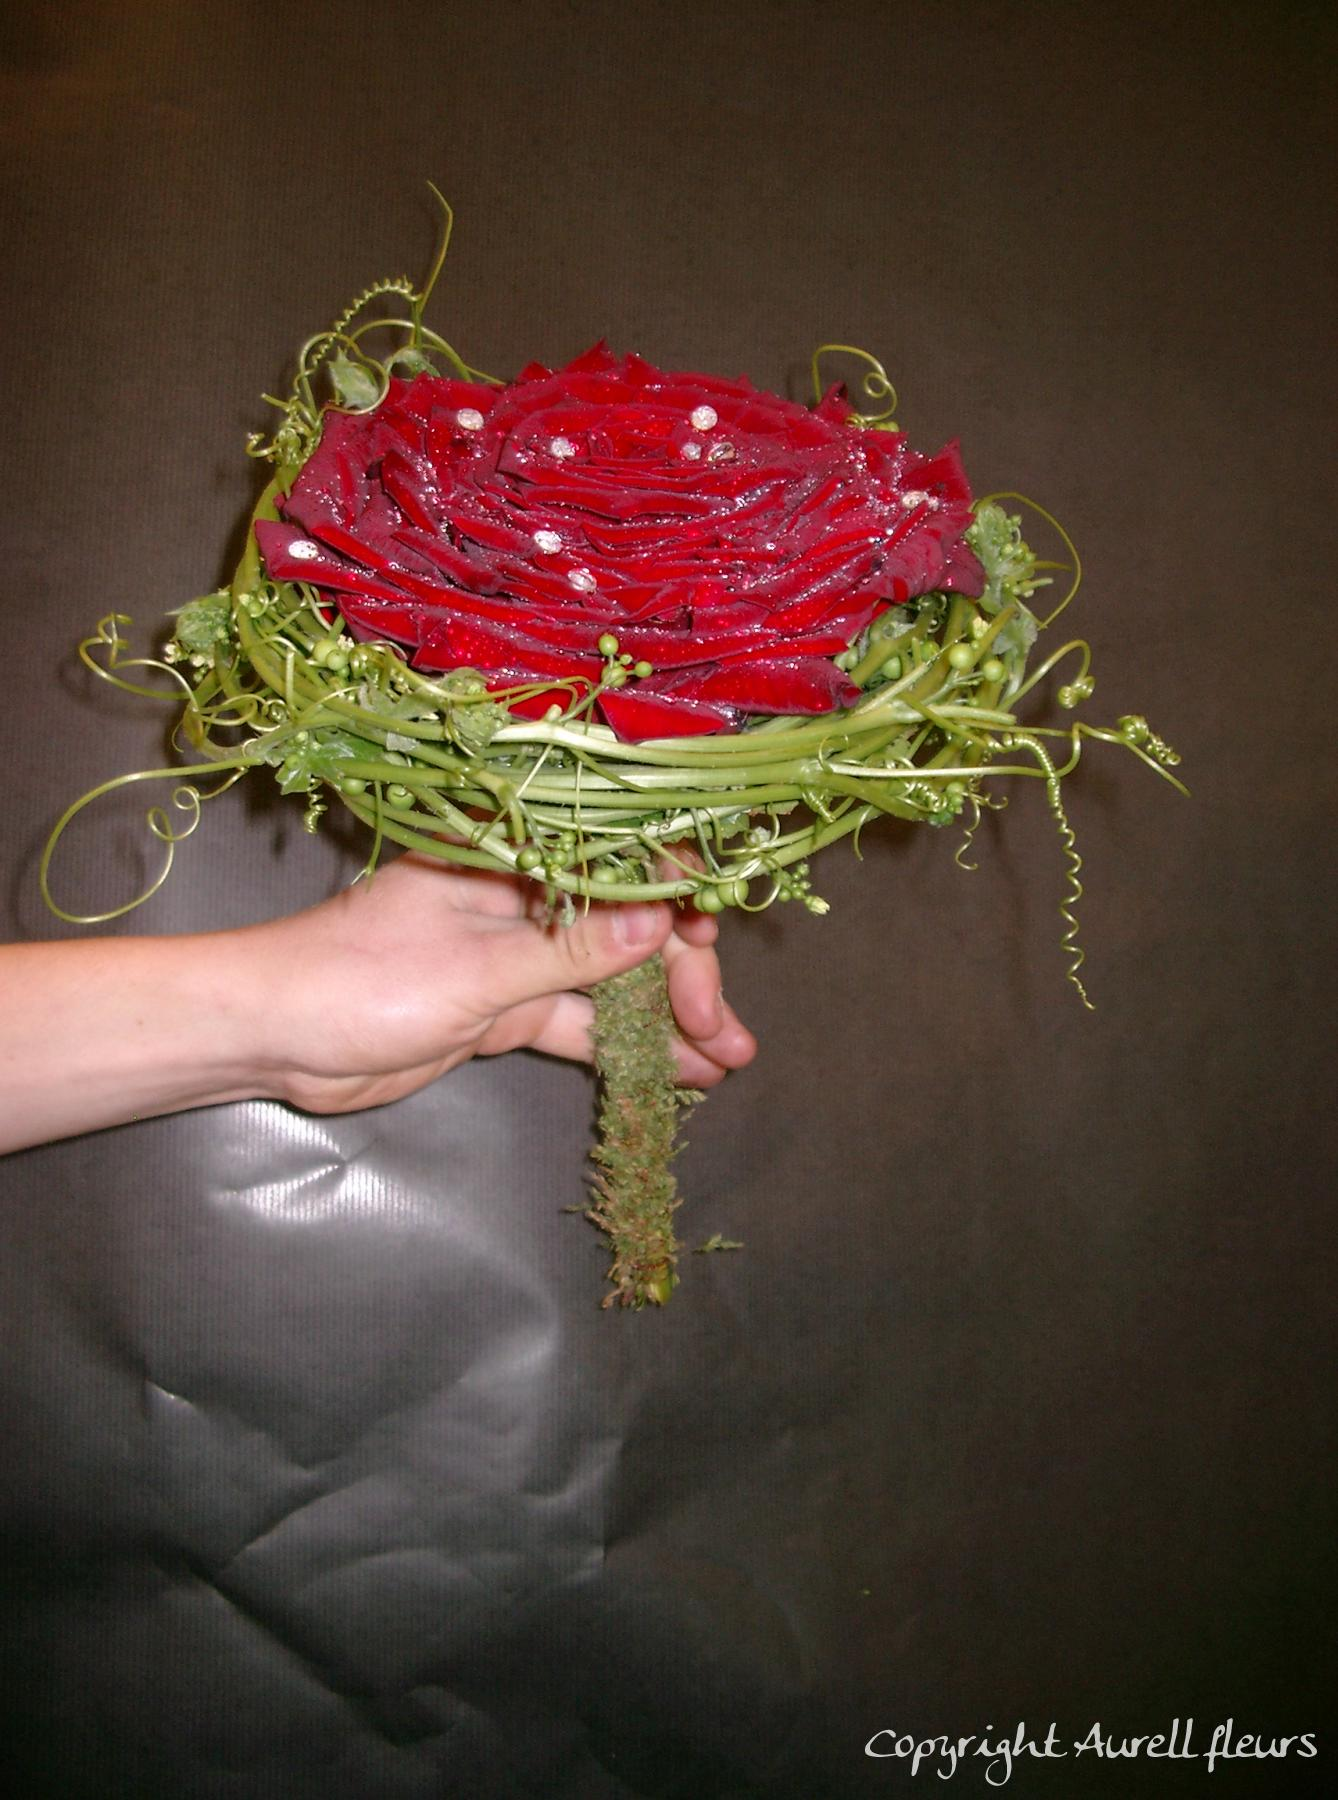 bouquet_rose_reconstitueue à Saint-Jean-de-Braye | Aurell fleurs